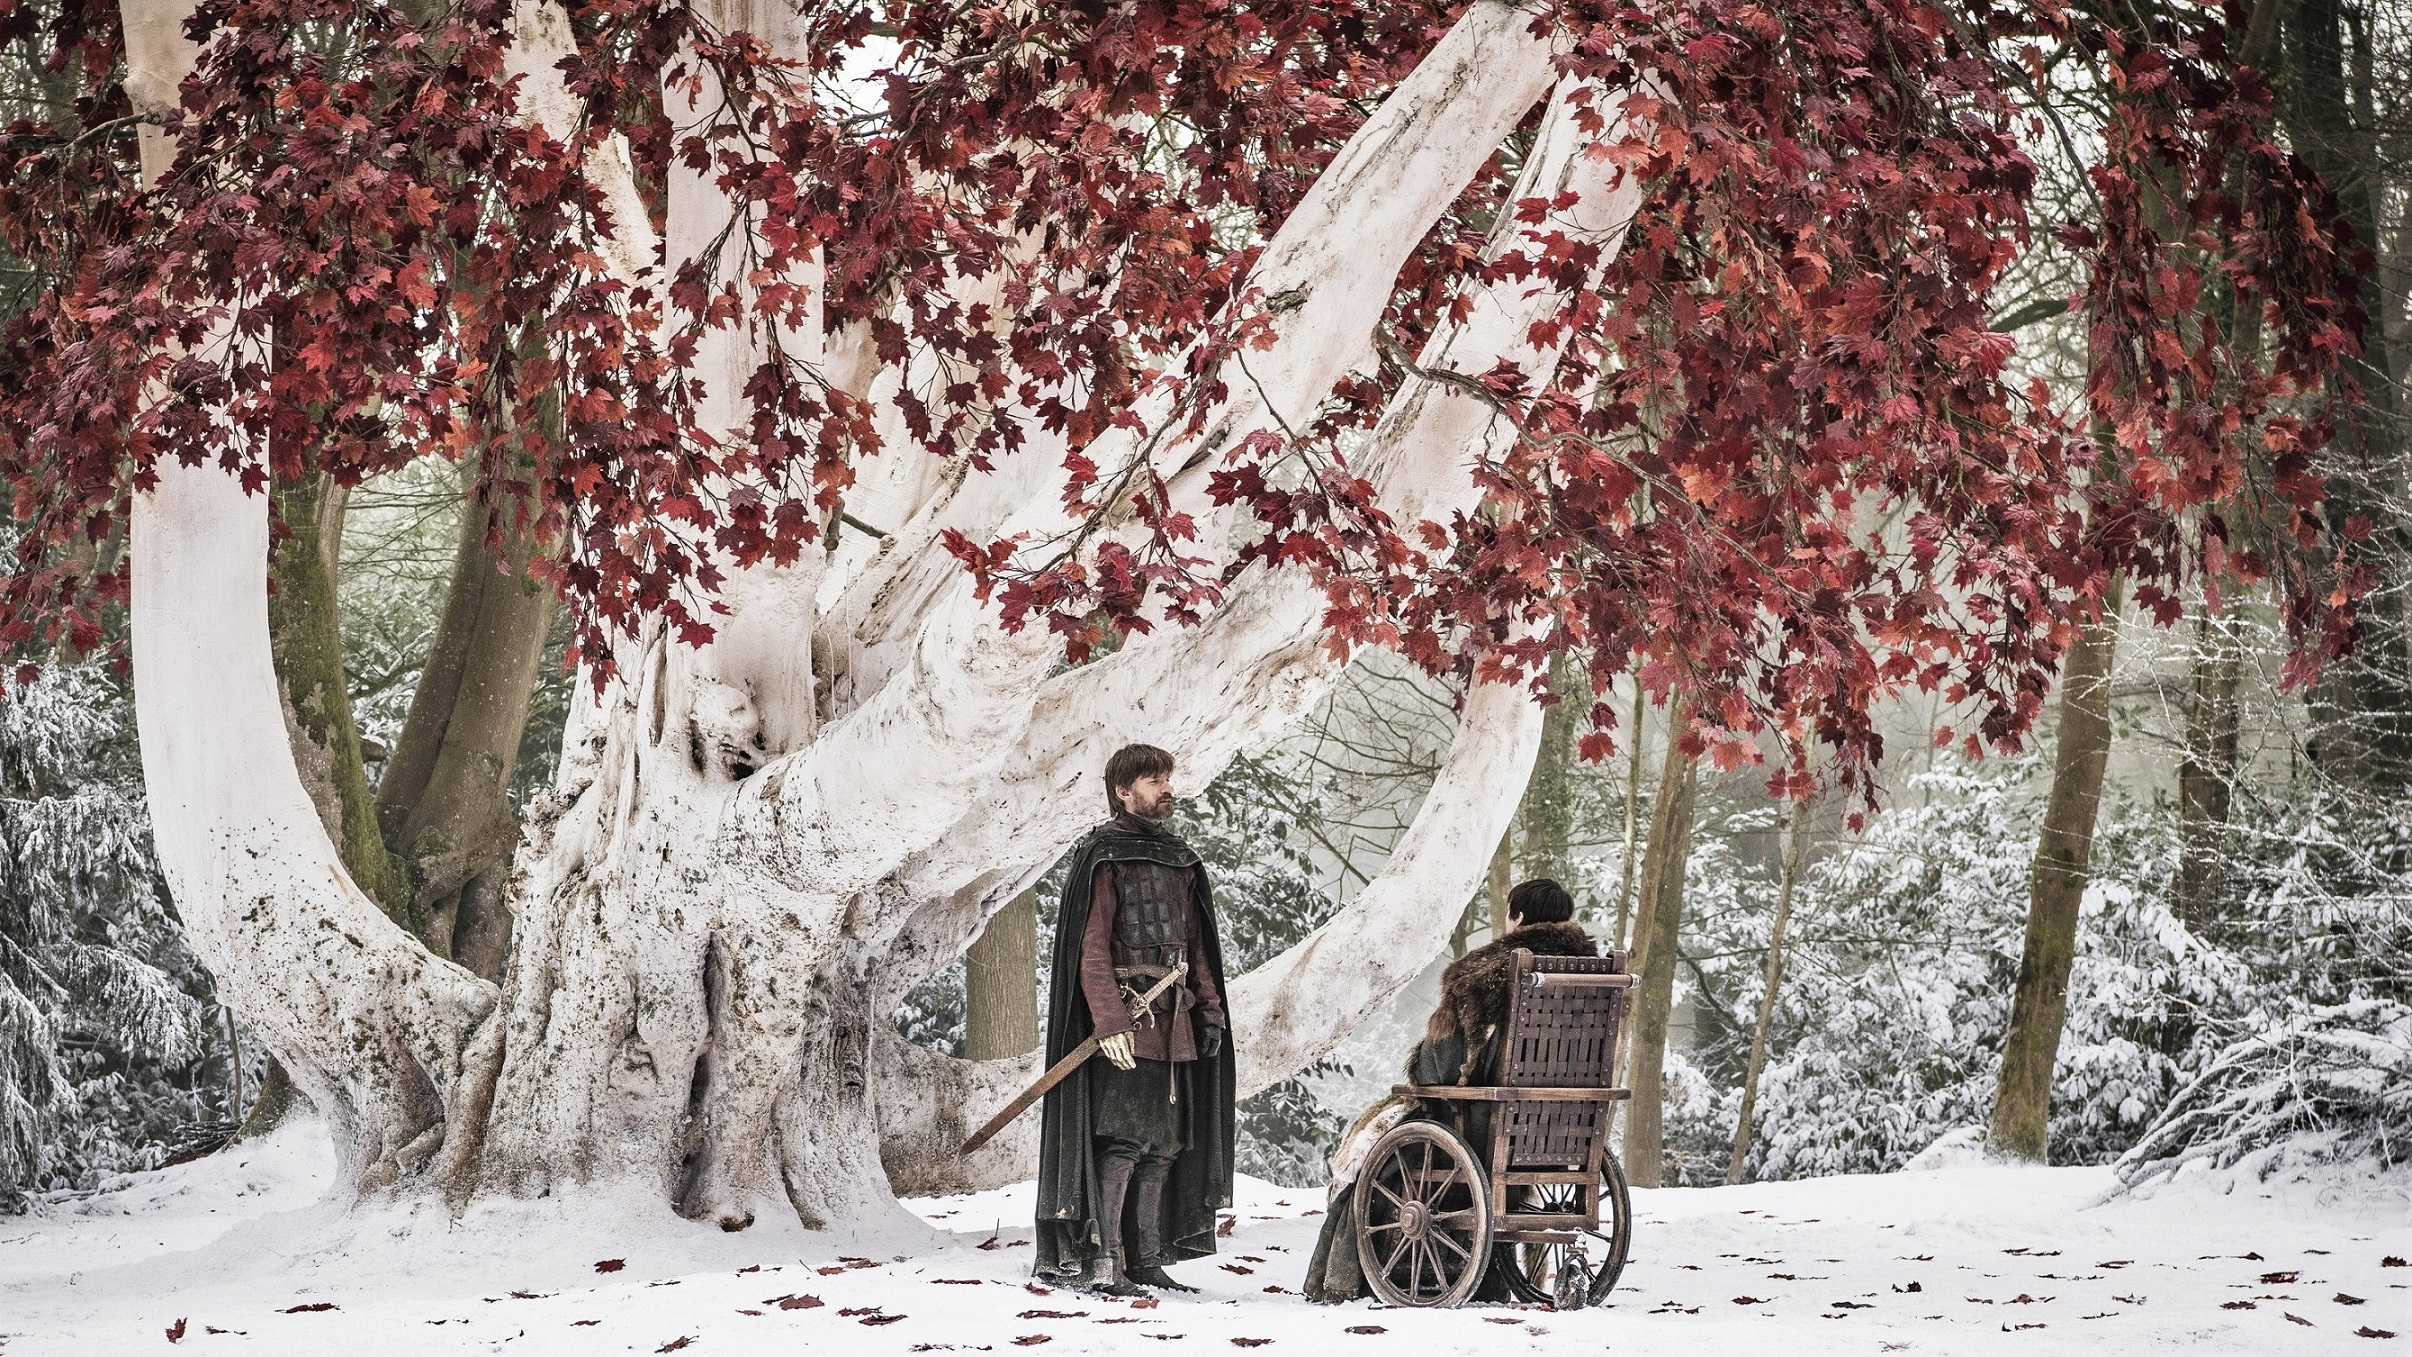 Jaime Lannister Bran Stark Season 8 802 Weirwood Heart tree Godswood Winterfell